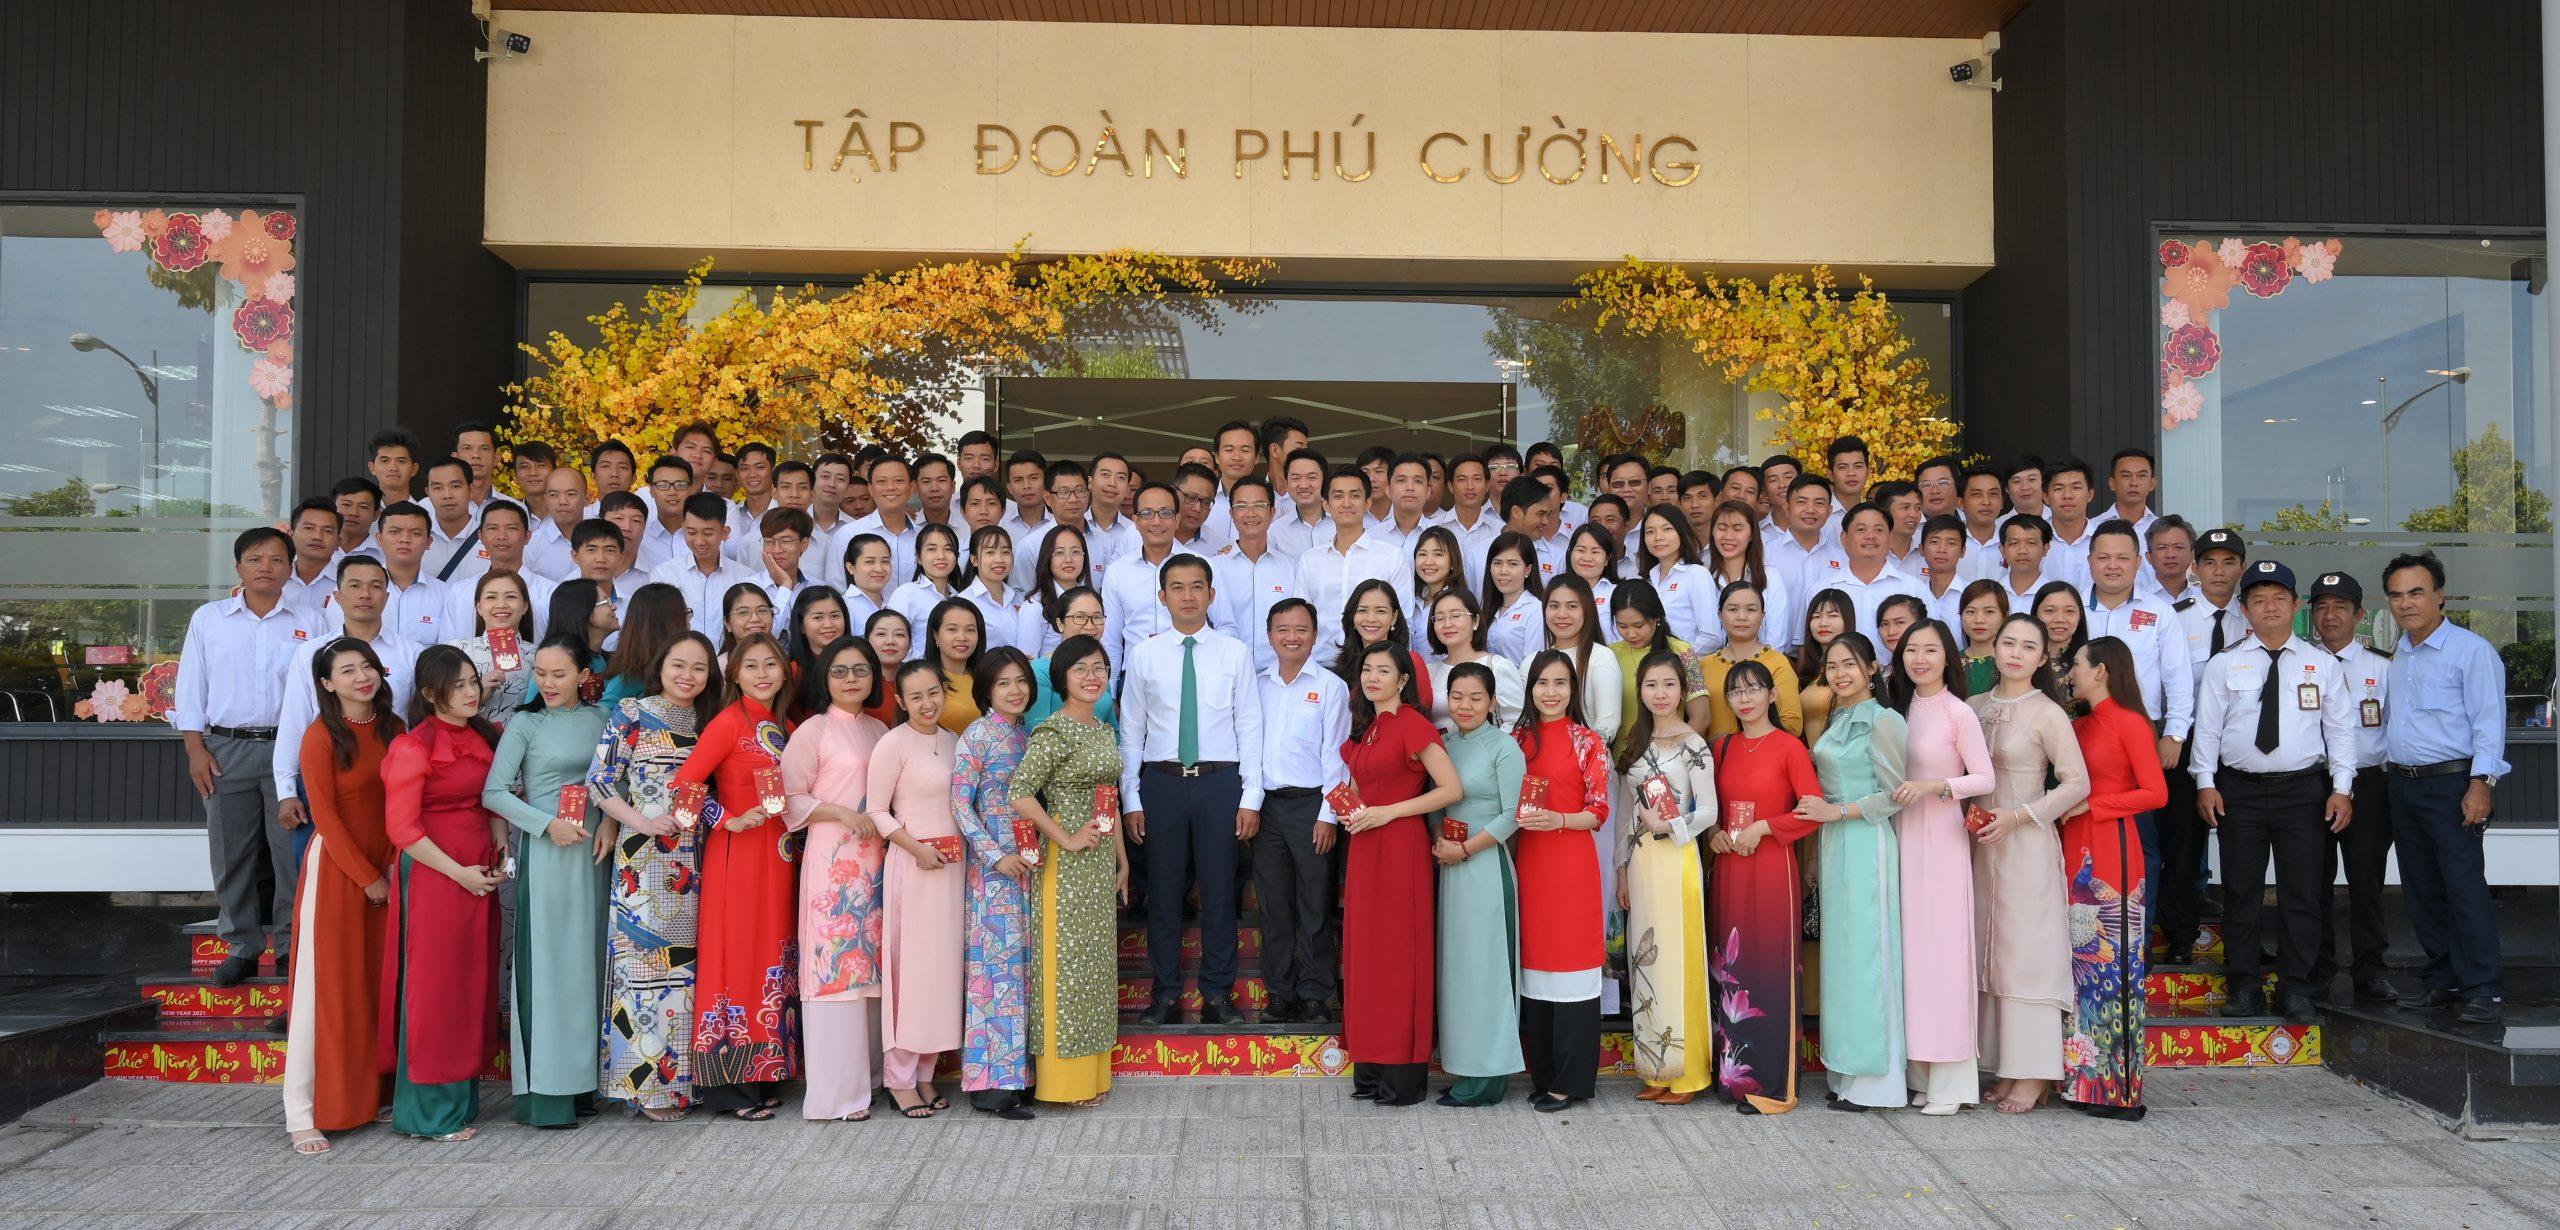 Phú Cường Kiên Giang tổng kết 2020 và Tân Niên Khai Xuân 2021